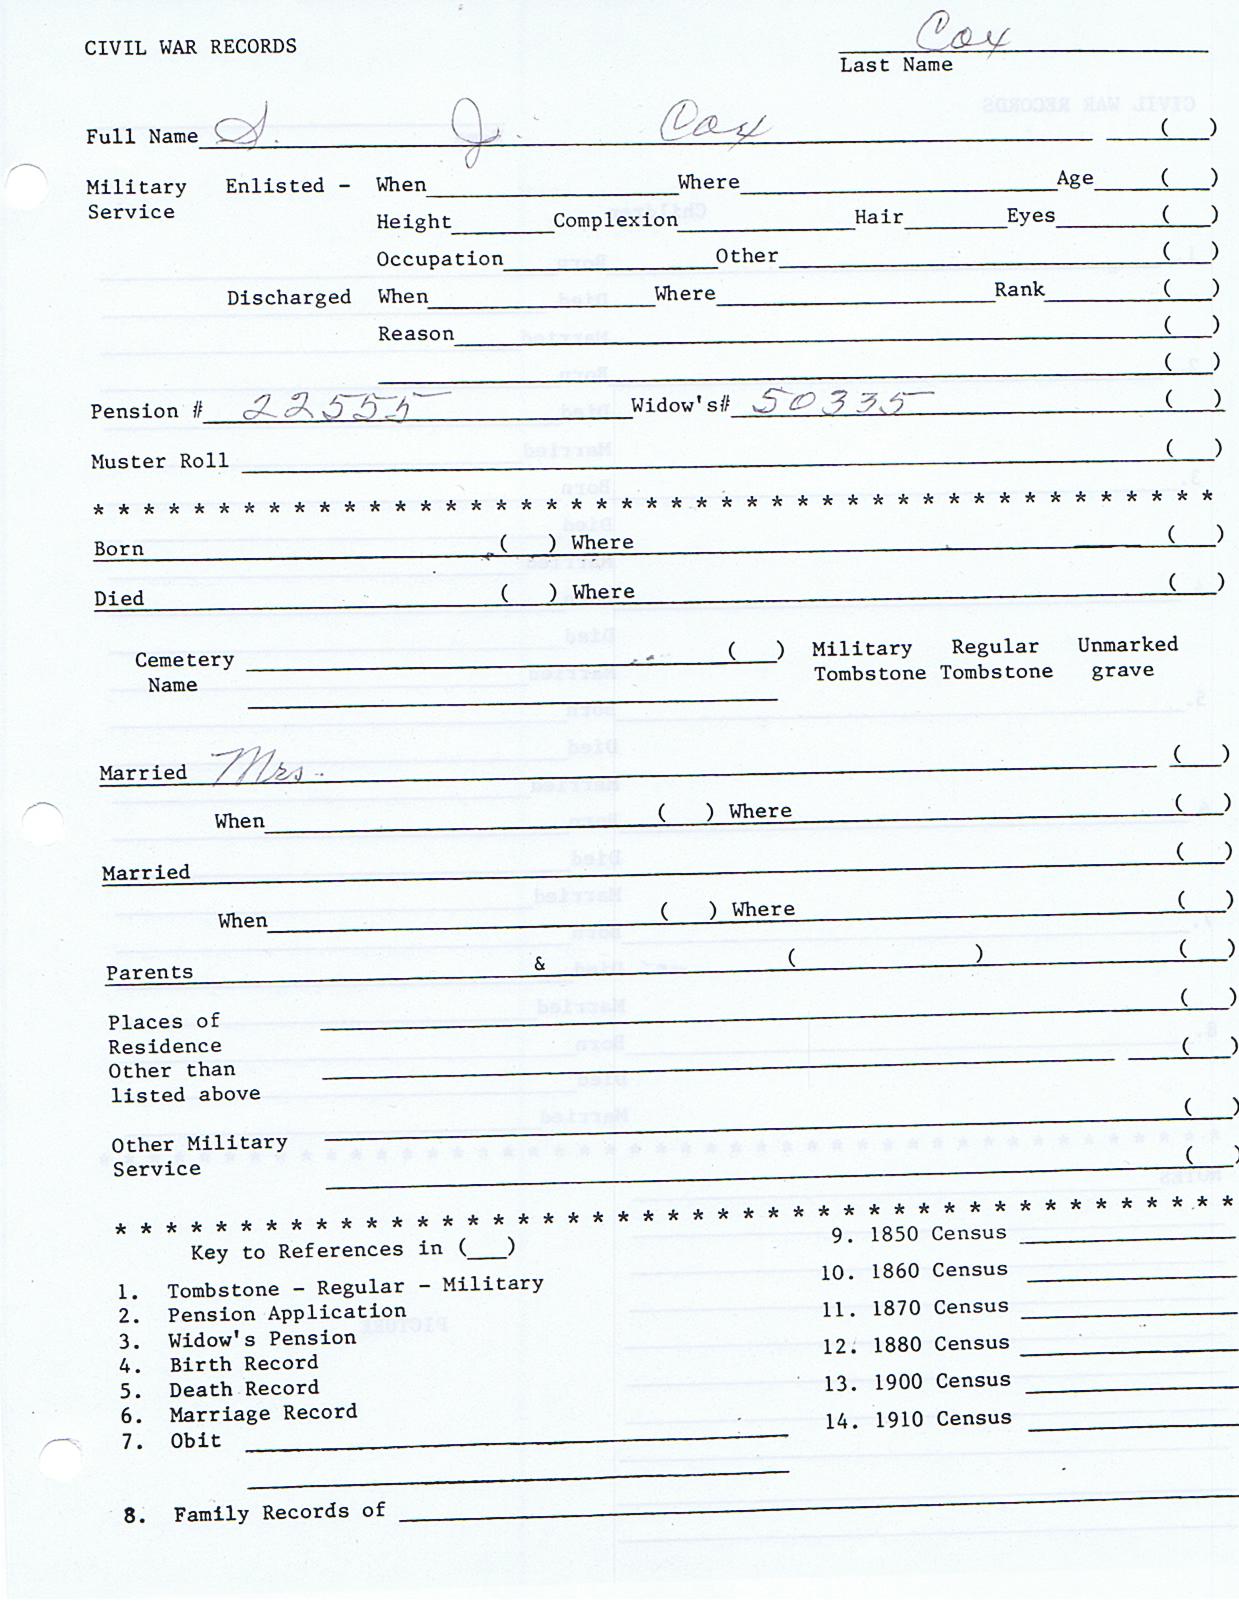 cox-kaufman_civil_war_records-3553